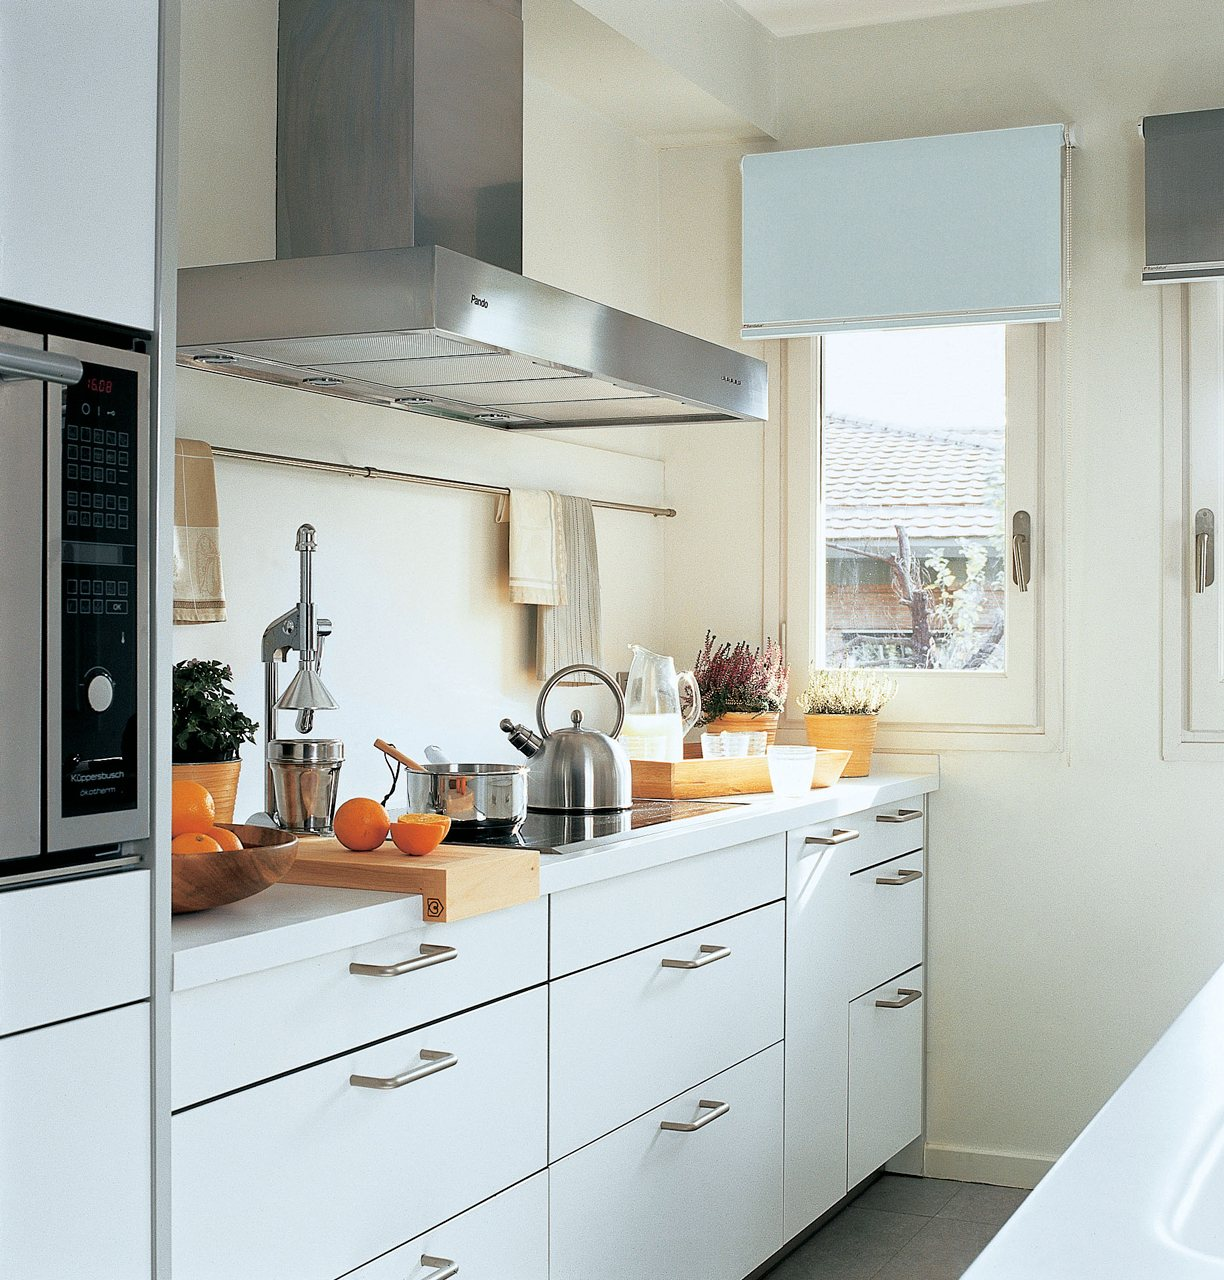 Decotips una cocina larga y estrecha no es problema for Ideas muebles cocina